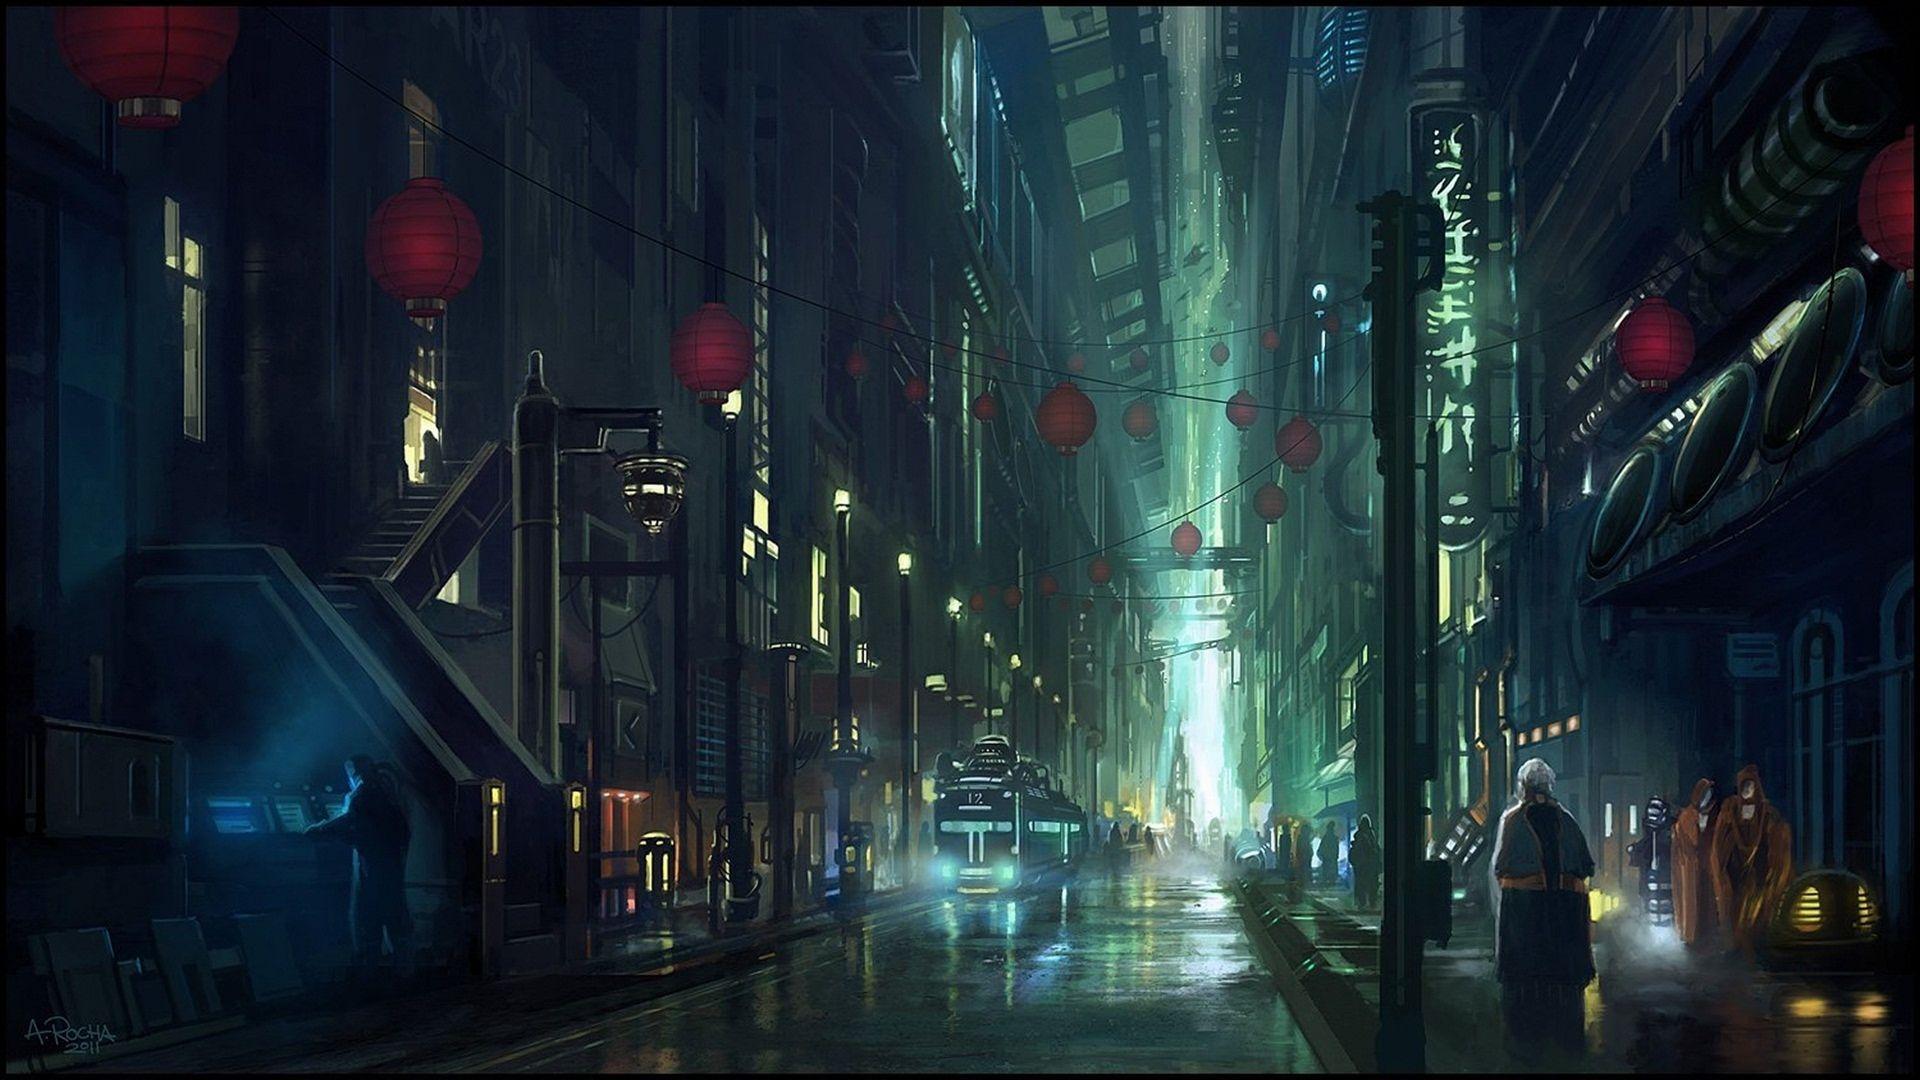 Science Fiction Ville Fond D Ecran Ville Cyberpunk Fond D